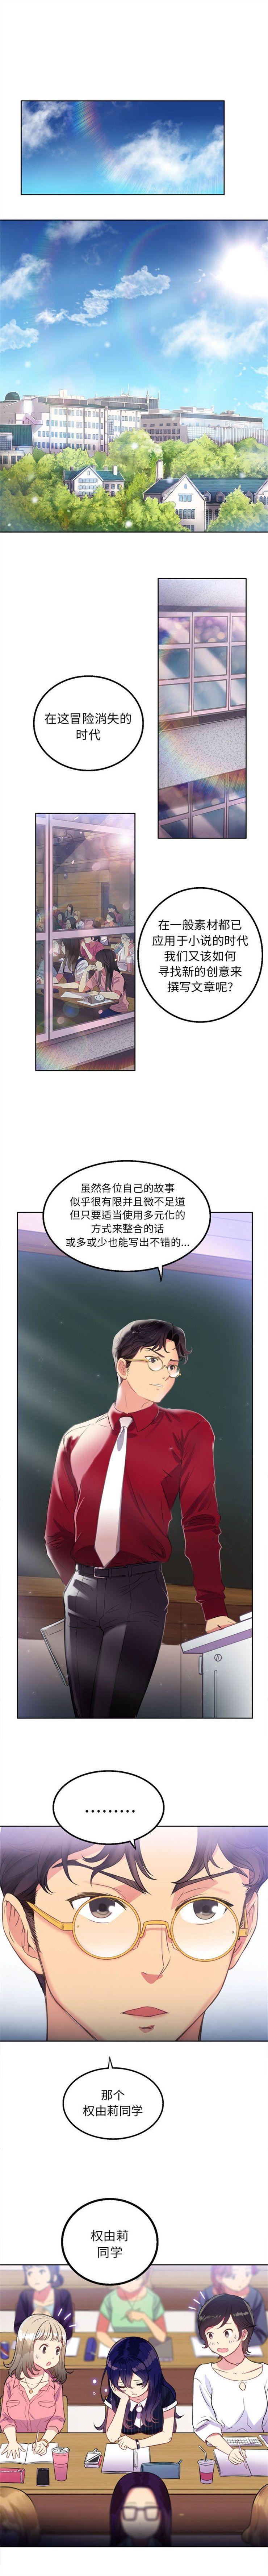 由莉的秘密1-60 中文翻译 (更新中) 24